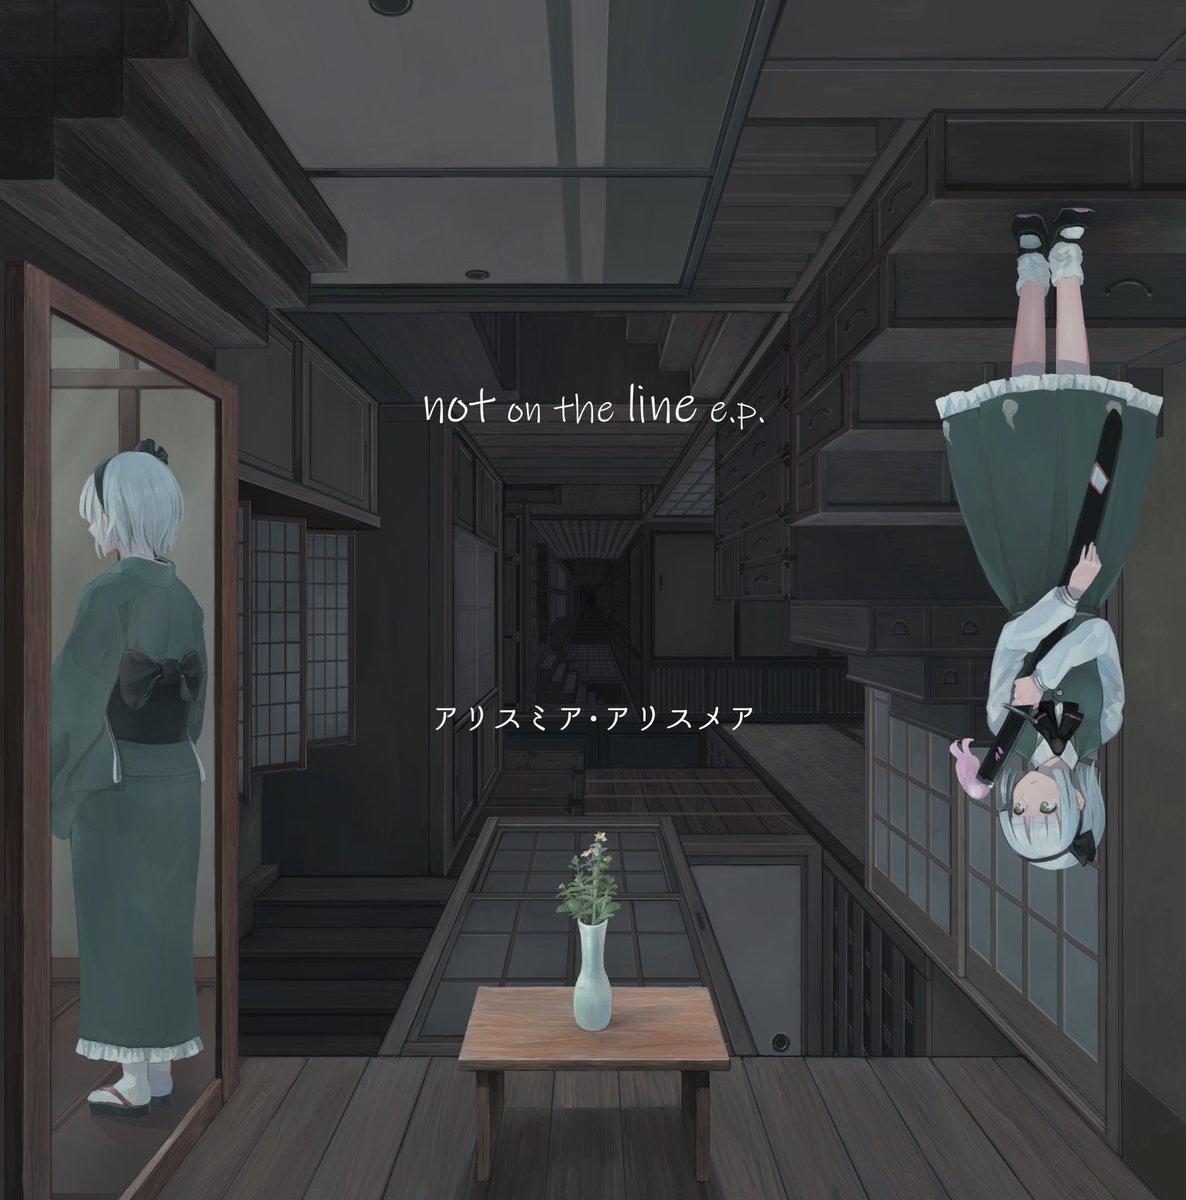 アリスミア・アリスメア「not on the line ep」